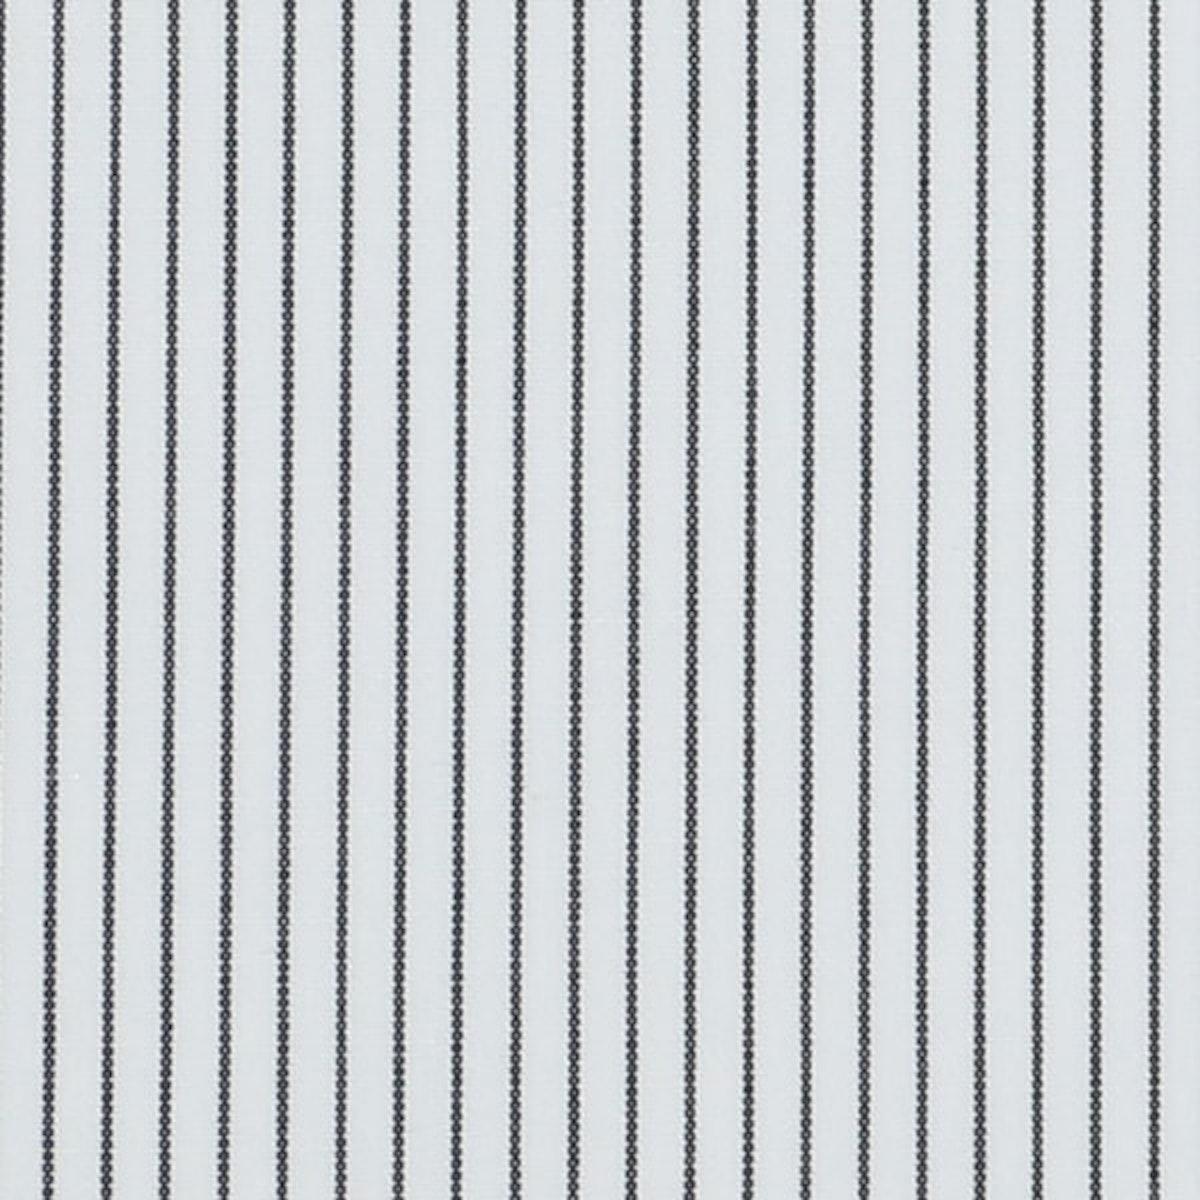 InStitchu Shirt Fabric 199